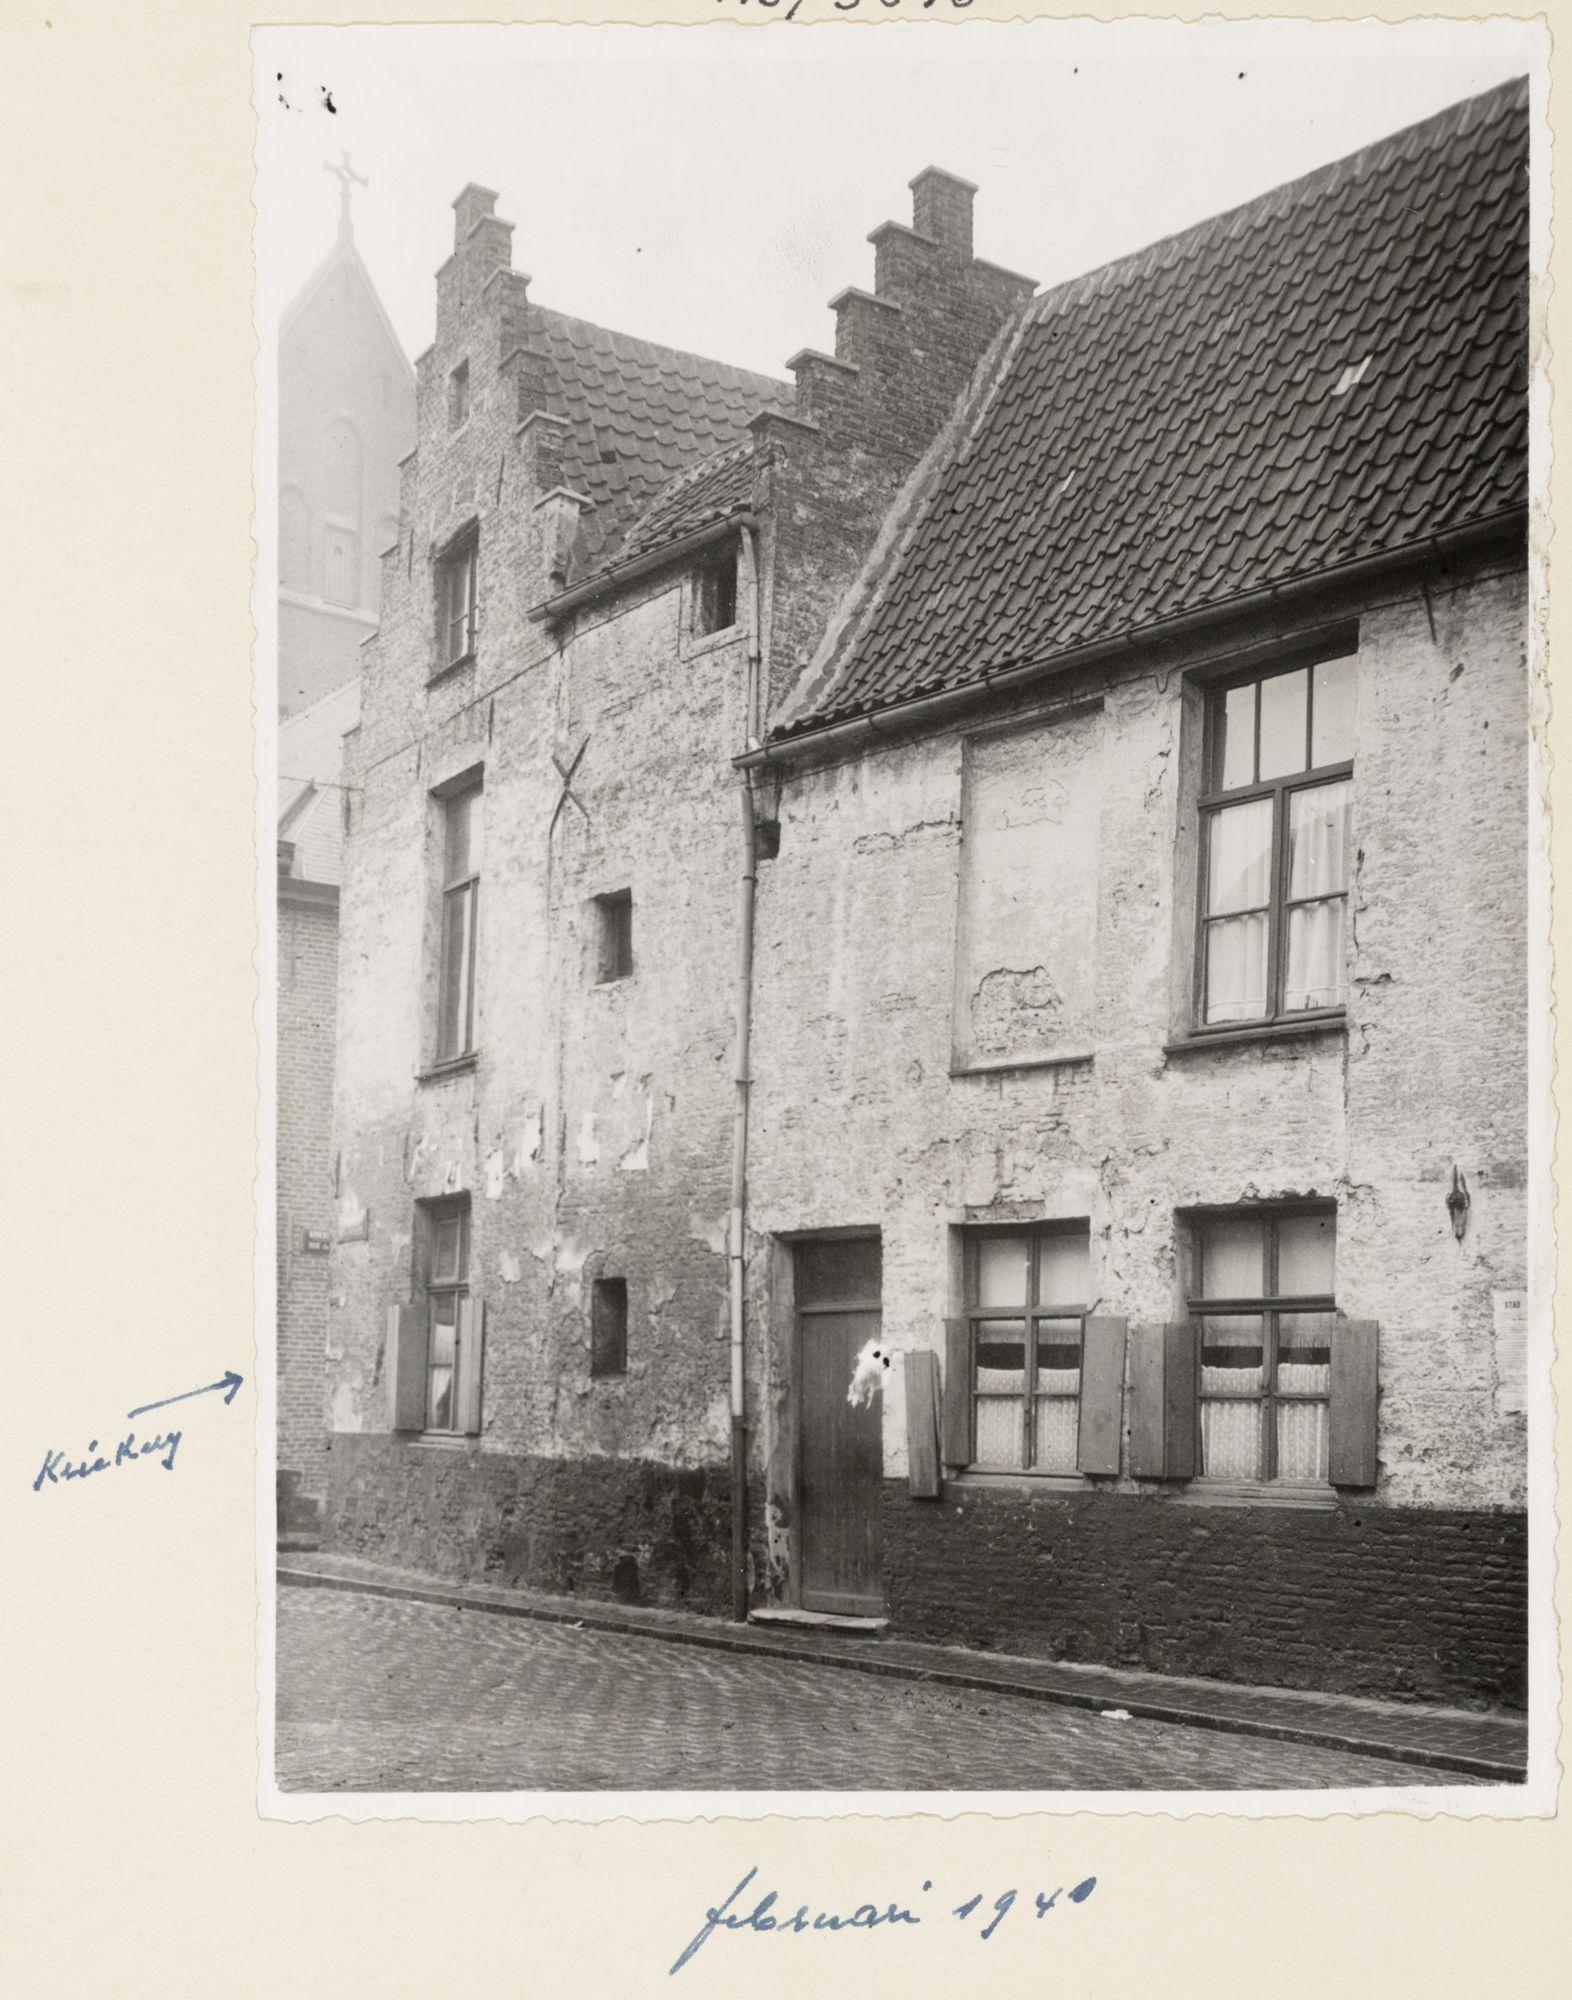 Gent: Huis op de hoek van de Kriekerij en de Molenaarsstraat